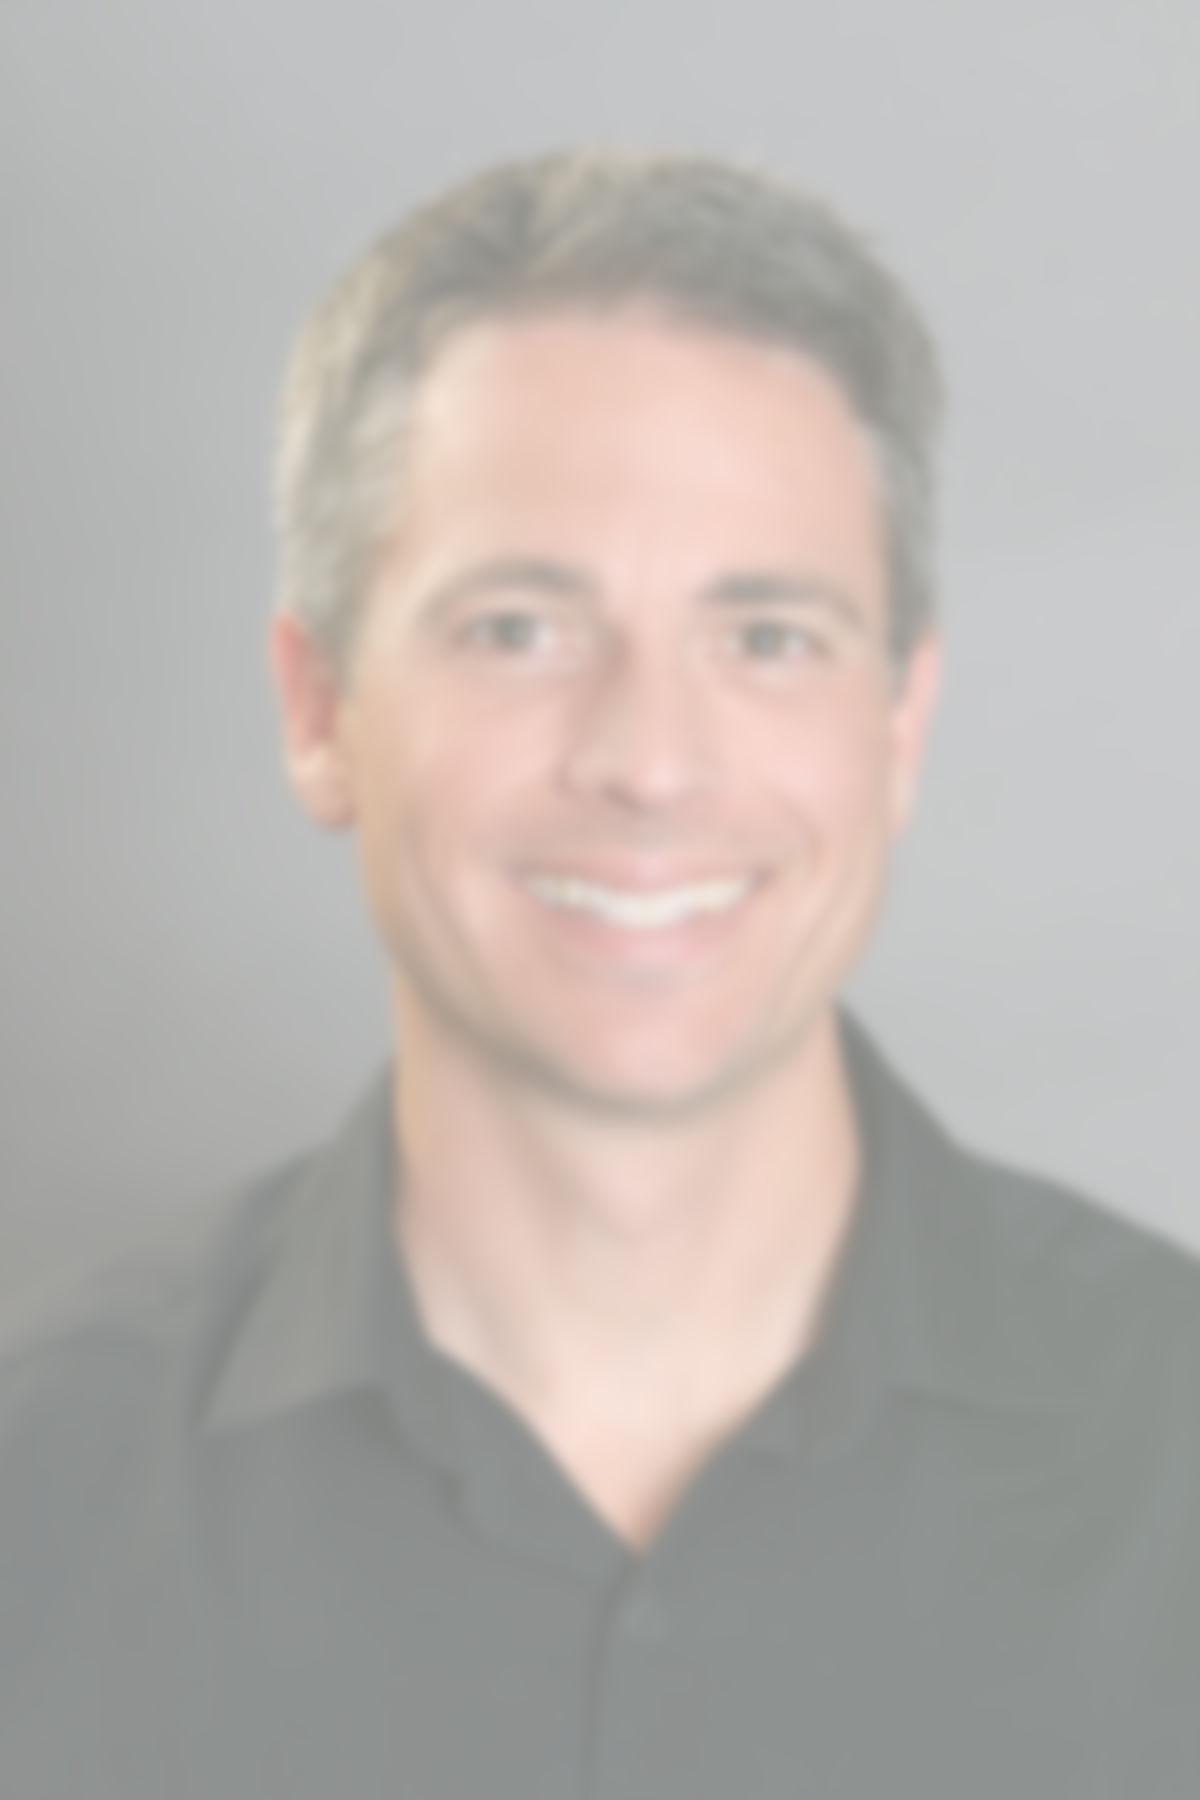 Robert MacLean